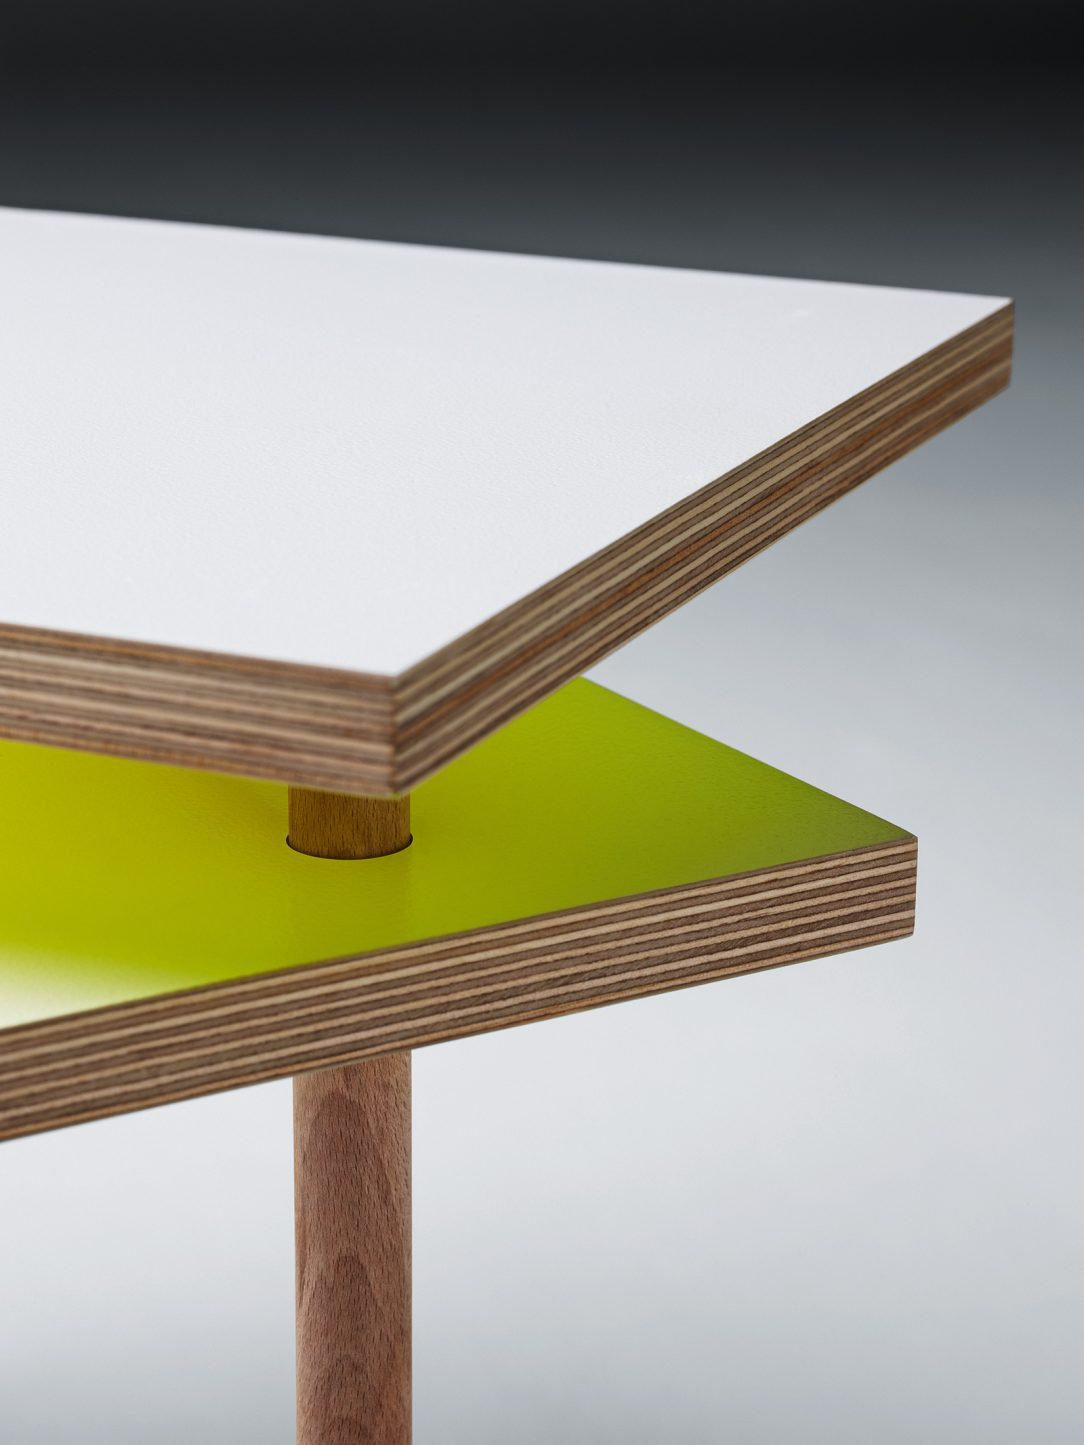 Stolík Utsuri table je vytvorený tak aby sa mohol prispôsobiť každej miestnosti.